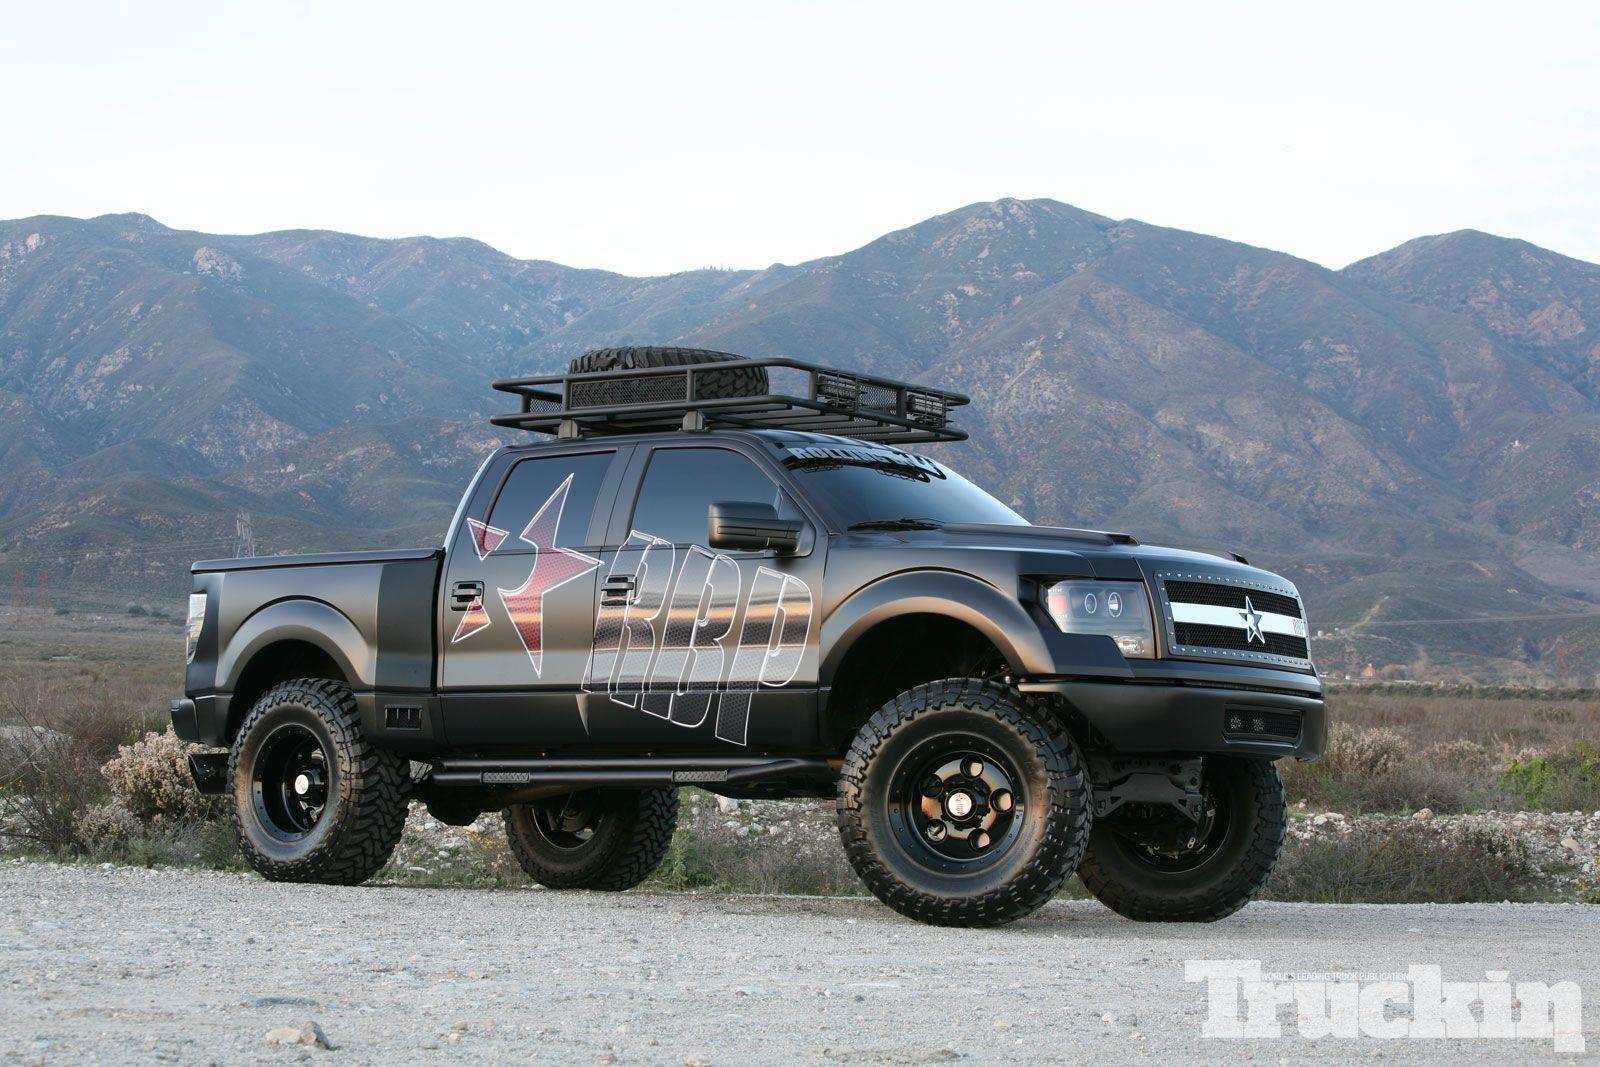 Ford F 150 Forum Topix Trucks Lifted Truck Lifted Trucks